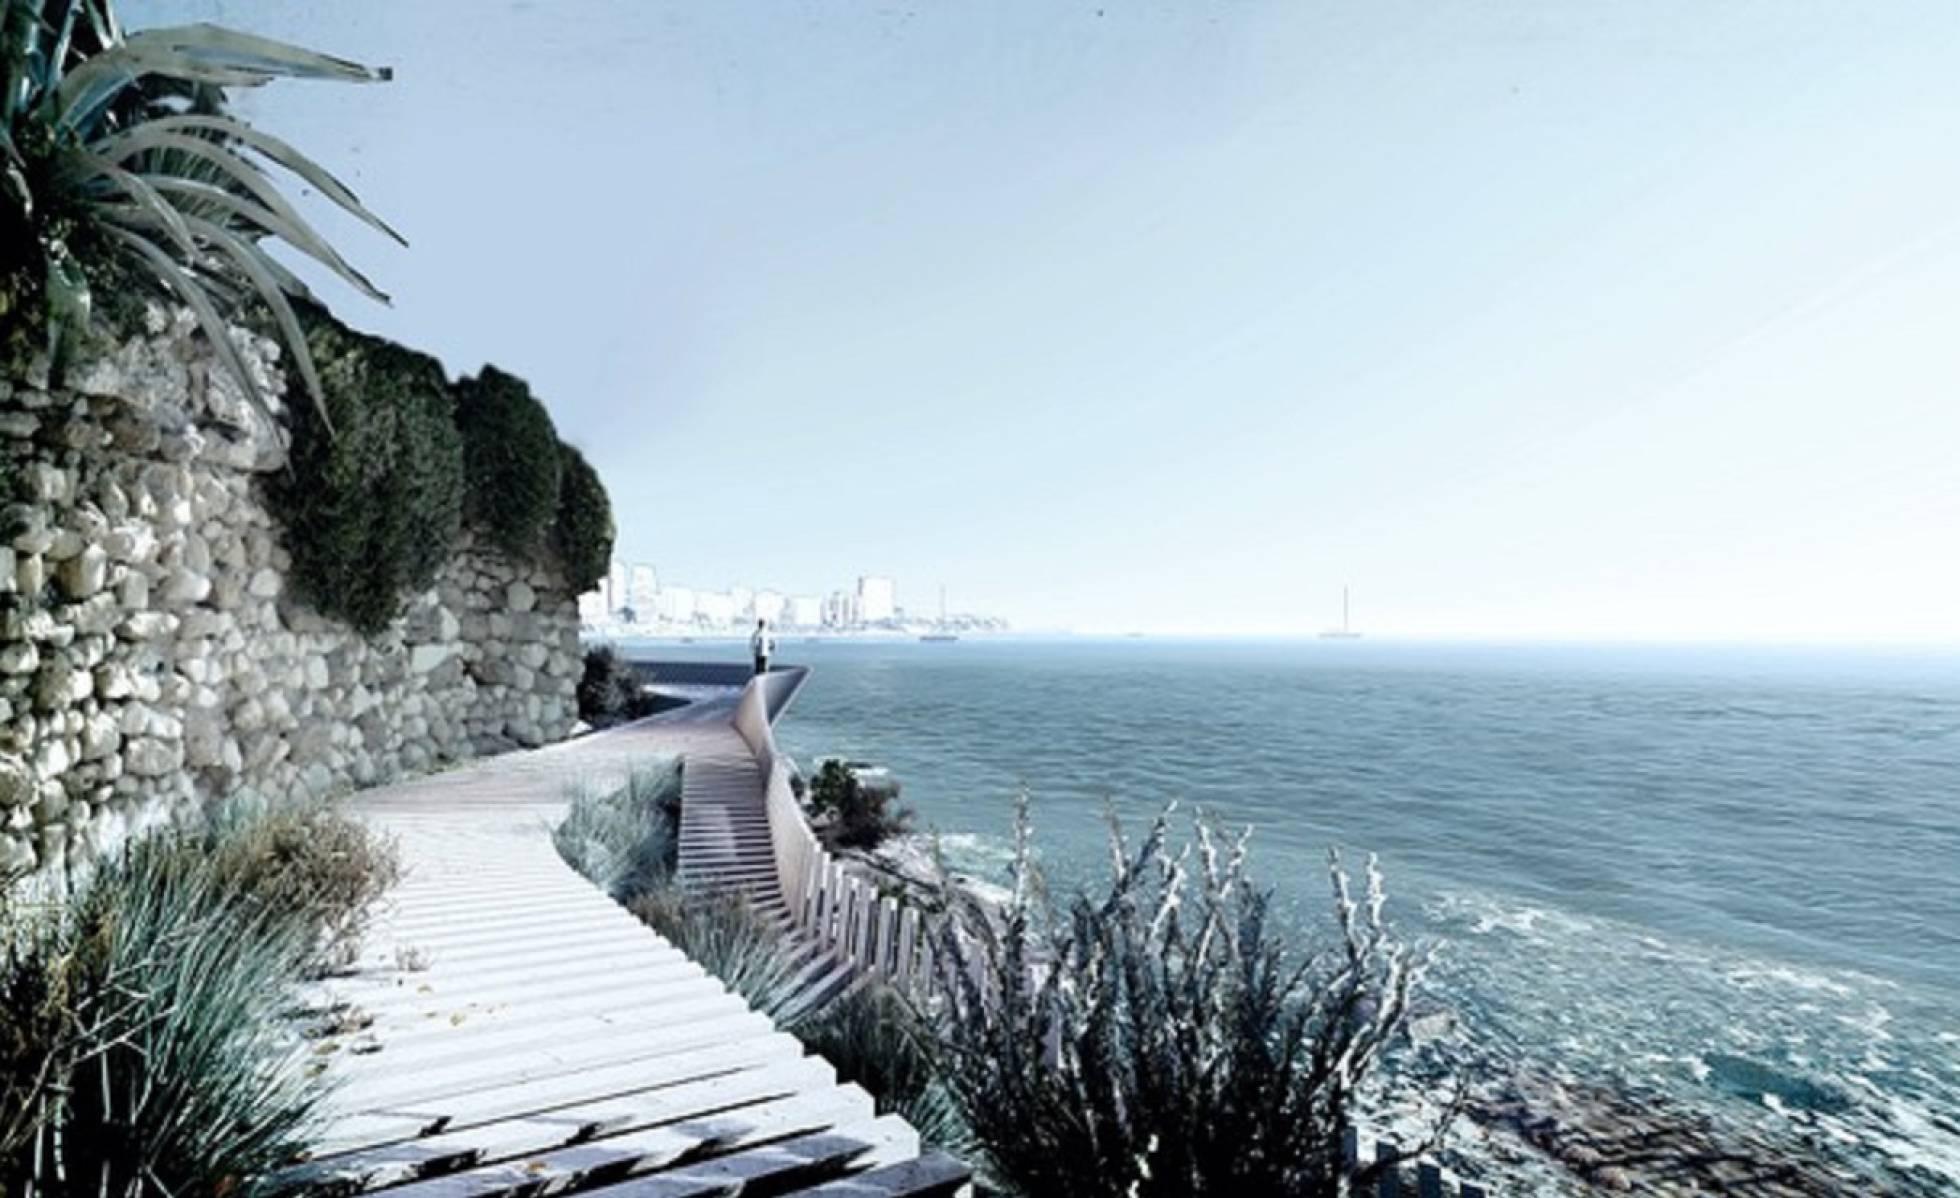 Проект экологичной береговой полосы на побережье Аликанте